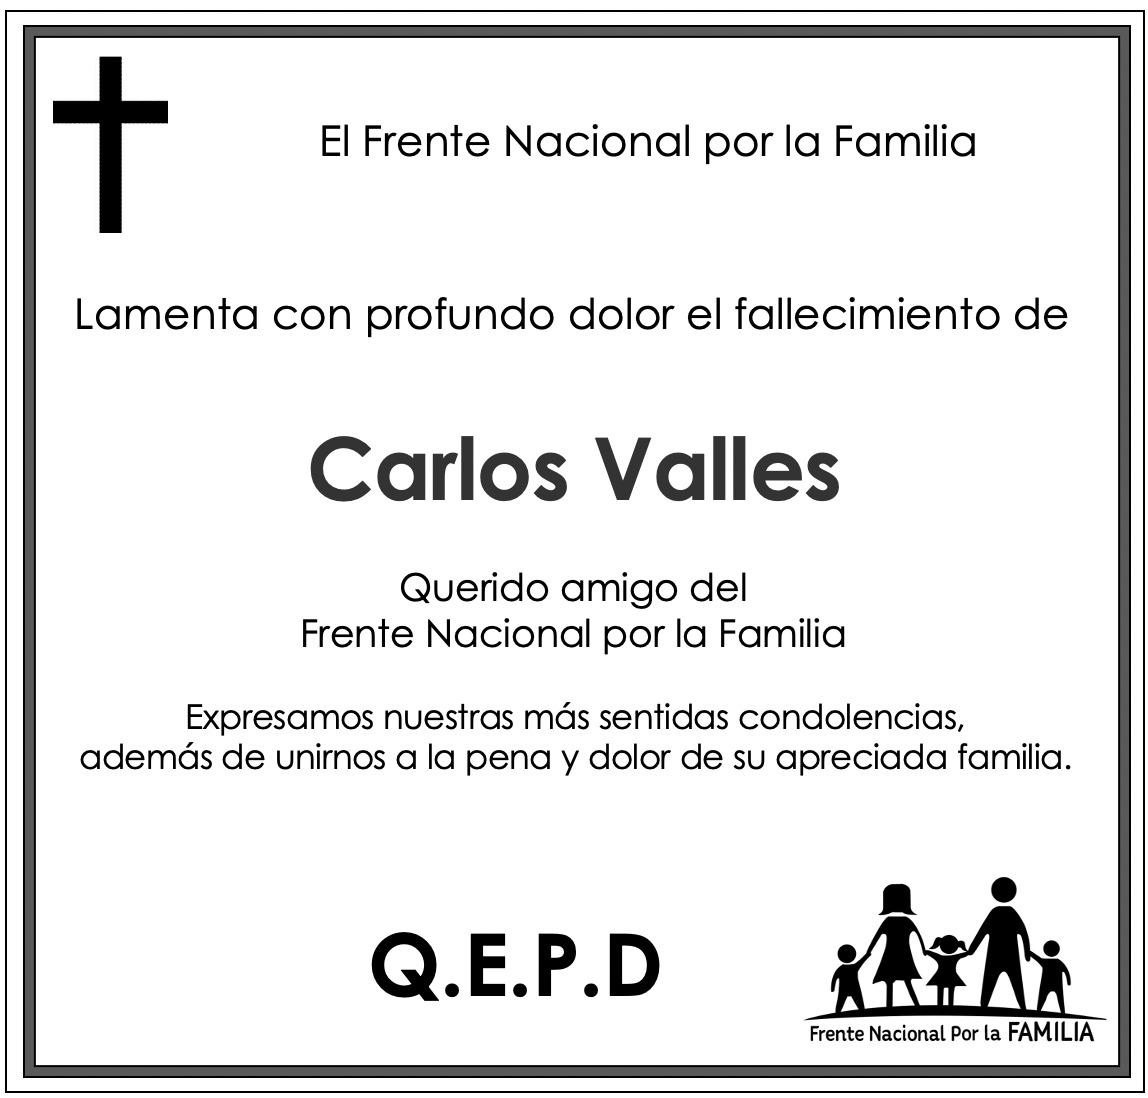 Murió Carlos valles del Frente Nacional por la Familia